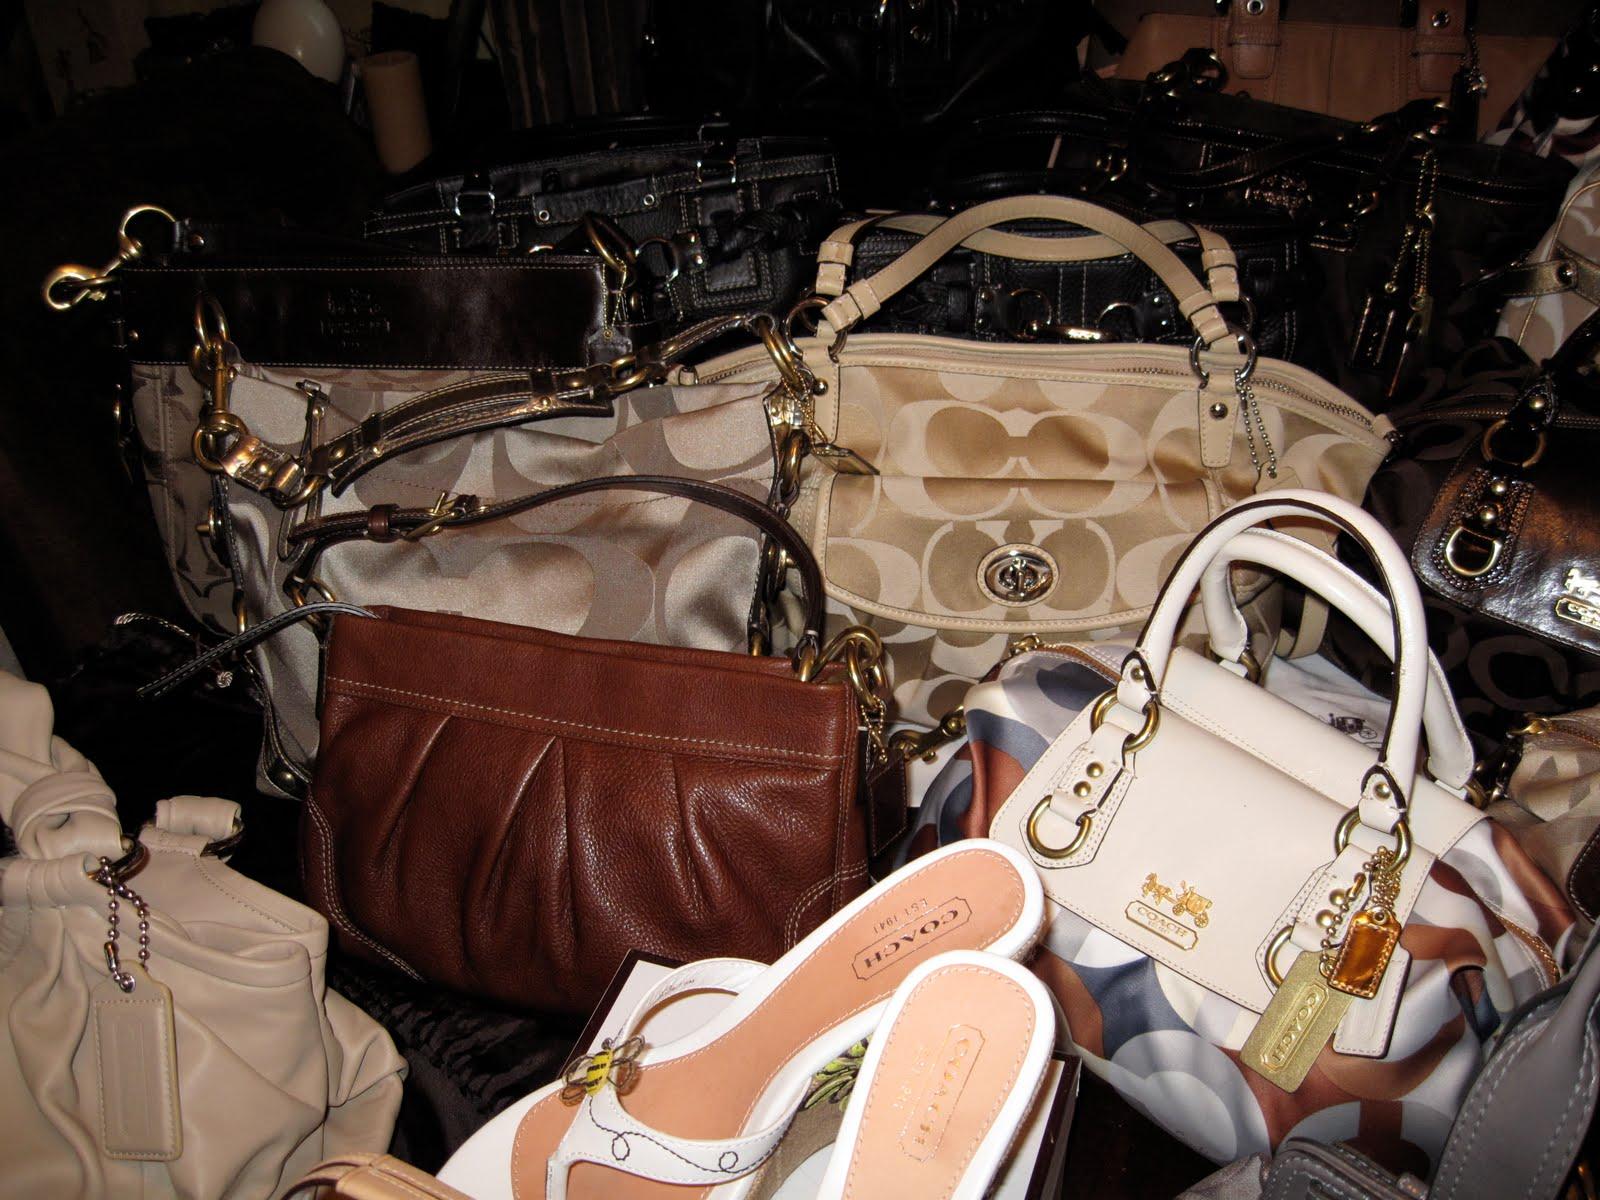 1cbc31625868 My Coach Handbag Collection  L - R - Coach Parker